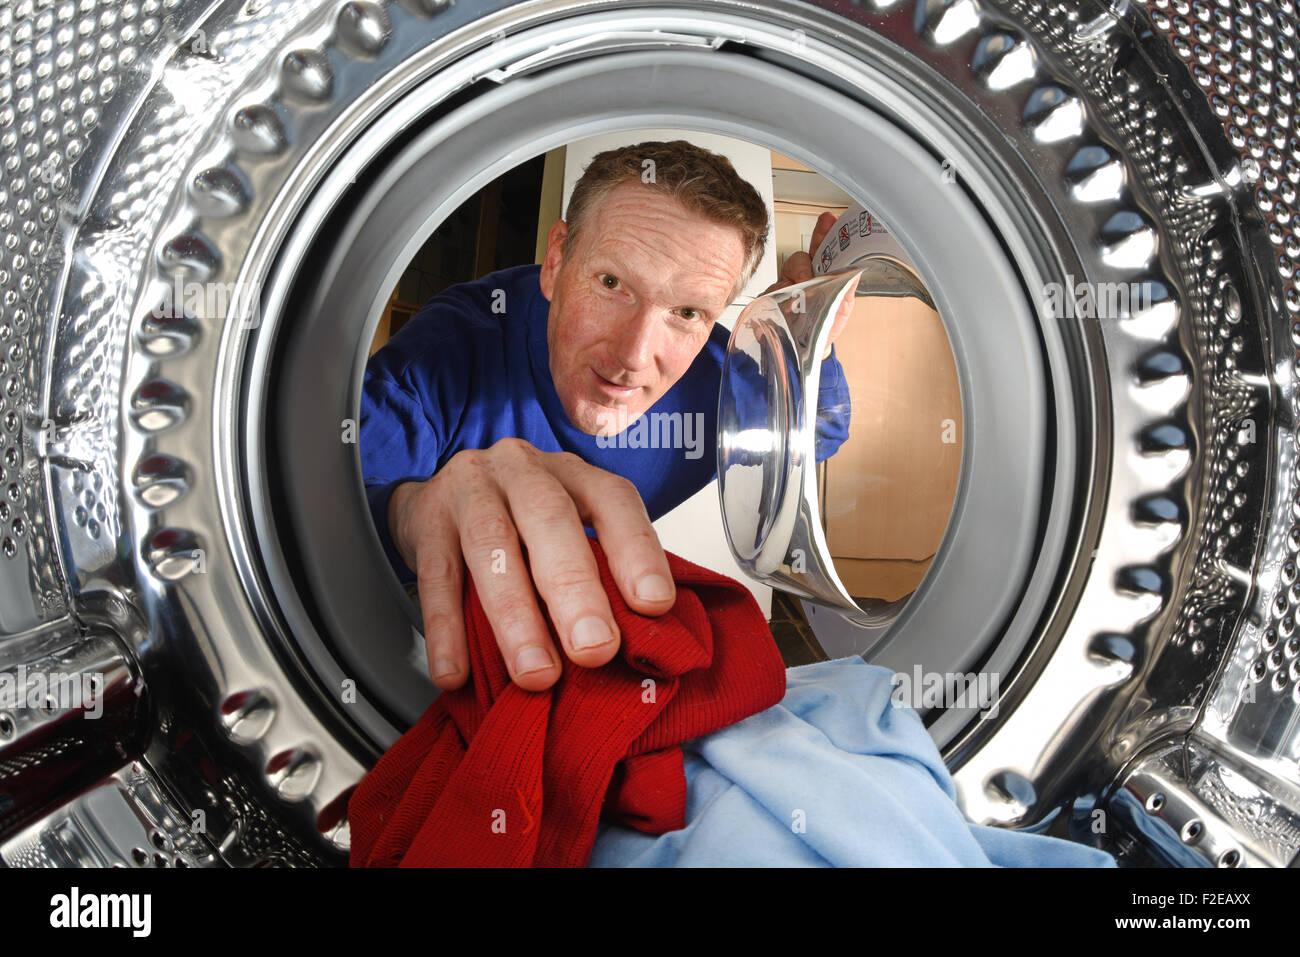 man taking washing out of washing machine - Stock Image